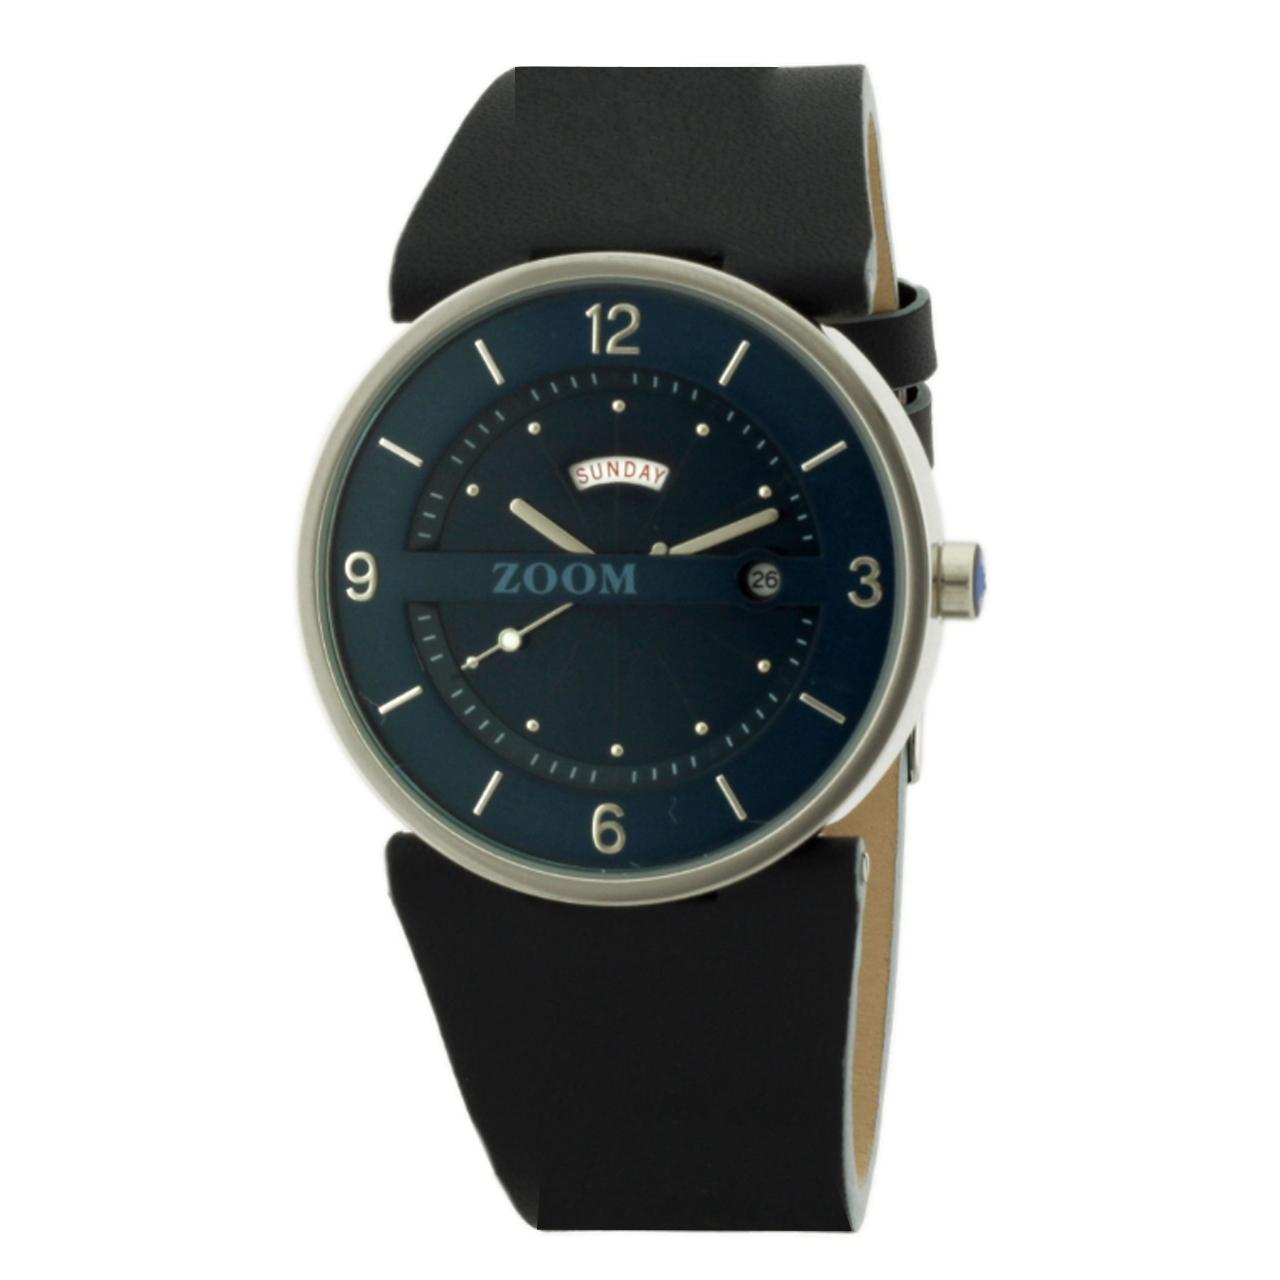 ساعت مچی عقربه ای مردانه ZOOM مدل ZM.3658M.2511